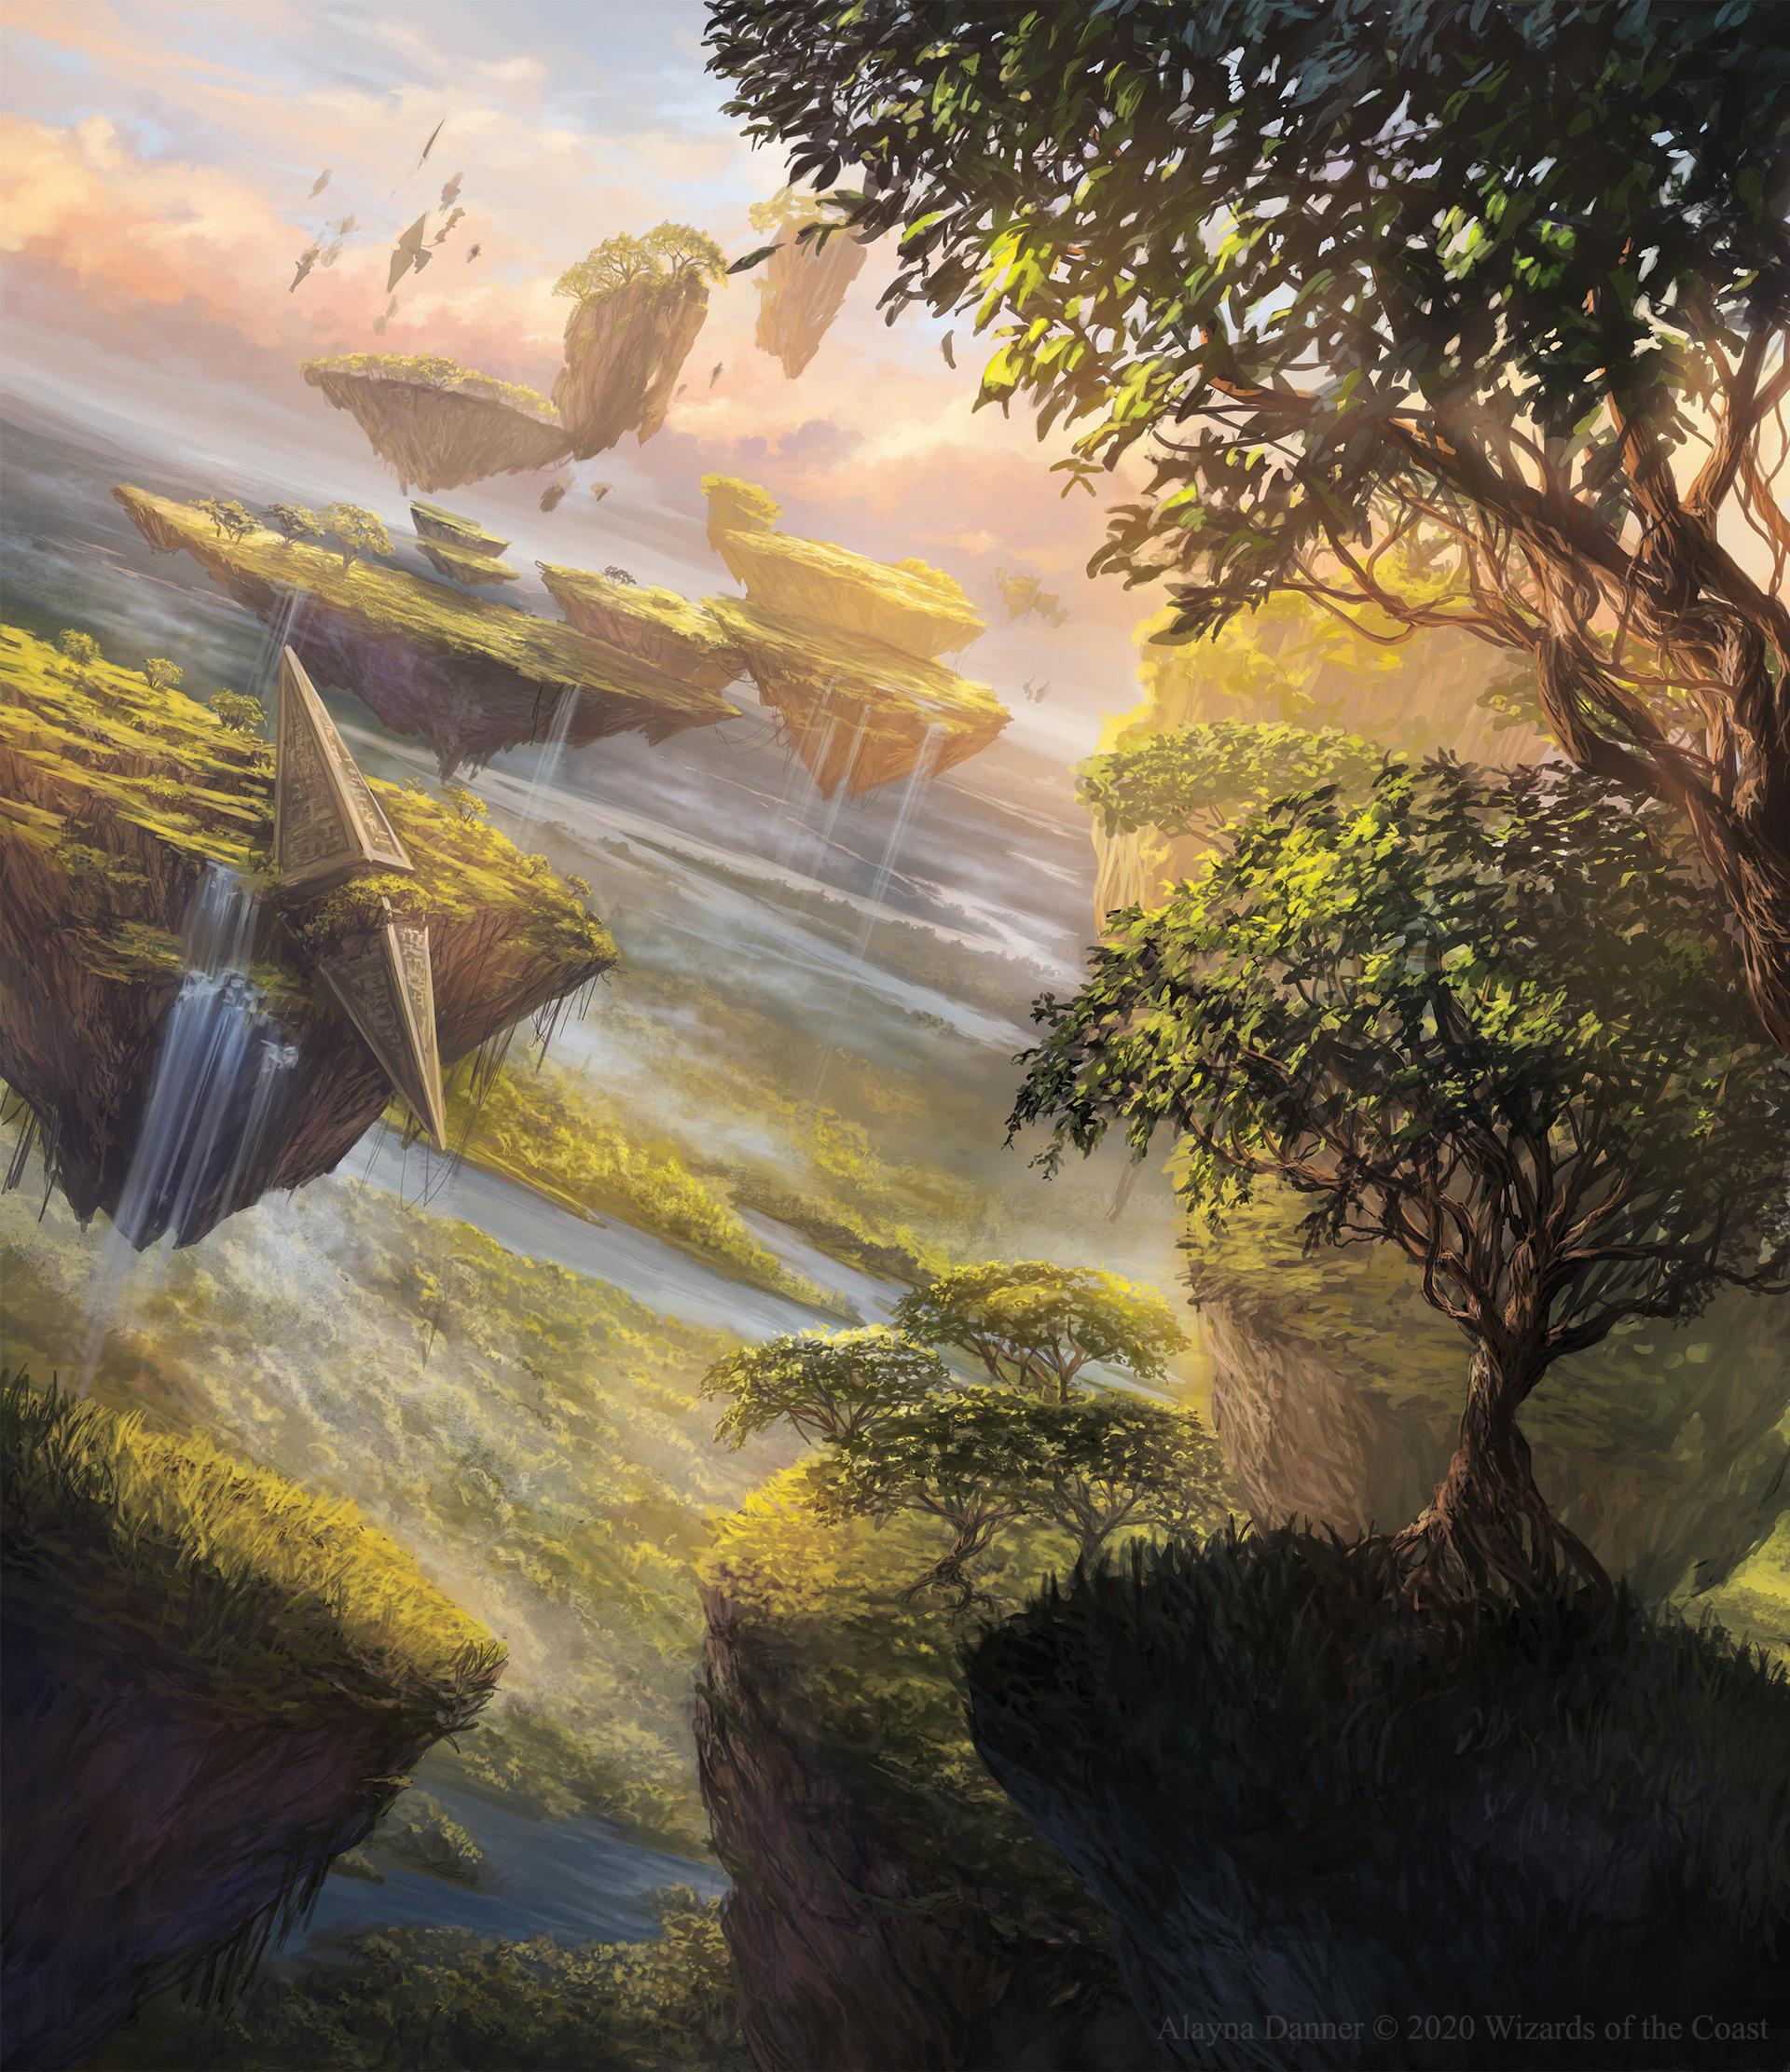 Deviant - art : une source d'inspiration pour nos univers ? - Page 3 Horizon_canopy_from_magic__the_gathering_zendikar_by_alayna_de6w96p-fullview.jpg?token=eyJ0eXAiOiJKV1QiLCJhbGciOiJIUzI1NiJ9.eyJzdWIiOiJ1cm46YXBwOjdlMGQxODg5ODIyNjQzNzNhNWYwZDQxNWVhMGQyNmUwIiwiaXNzIjoidXJuOmFwcDo3ZTBkMTg4OTgyMjY0MzczYTVmMGQ0MTVlYTBkMjZlMCIsIm9iaiI6W1t7ImhlaWdodCI6Ijw9MjIyMiIsInBhdGgiOiJcL2ZcLzAyMDliZDE4LTMxNjEtNDU3MC04NGM0LWU3NDE5ZTFmZGNlYVwvZGU2dzk2cC0zNmFmNDY4Mi0yYTNhLTQ0ZjMtOWNiOS03ZTkzMzQ0ZTg5ZDQuanBnIiwid2lkdGgiOiI8PTE5MjAifV1dLCJhdWQiOlsidXJuOnNlcnZpY2U6aW1hZ2Uub3BlcmF0aW9ucyJdfQ